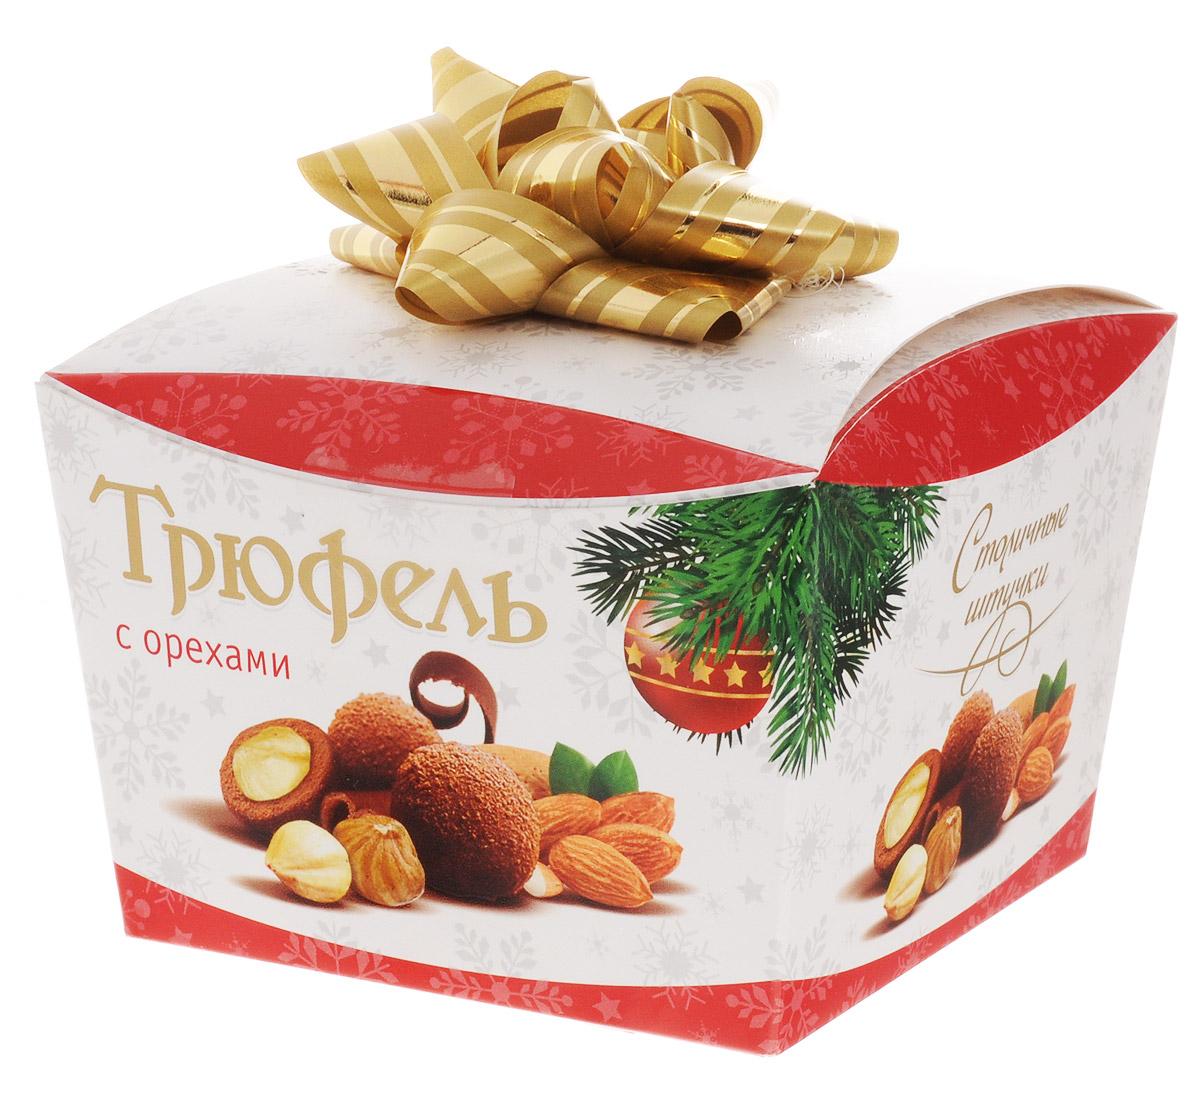 Столичные штучки Трюфель с орехами драже, 150 г1822_красная упаковкаОтборный фундук и миндаль, покрытые тонкой хрустящей карамельной корочкой и облаченные в мантию из нежной, тающей во рту шоколадно-трюфельной масс. Финальный штрих - посыпка какао - довершает идеально сбалансированный вкус.